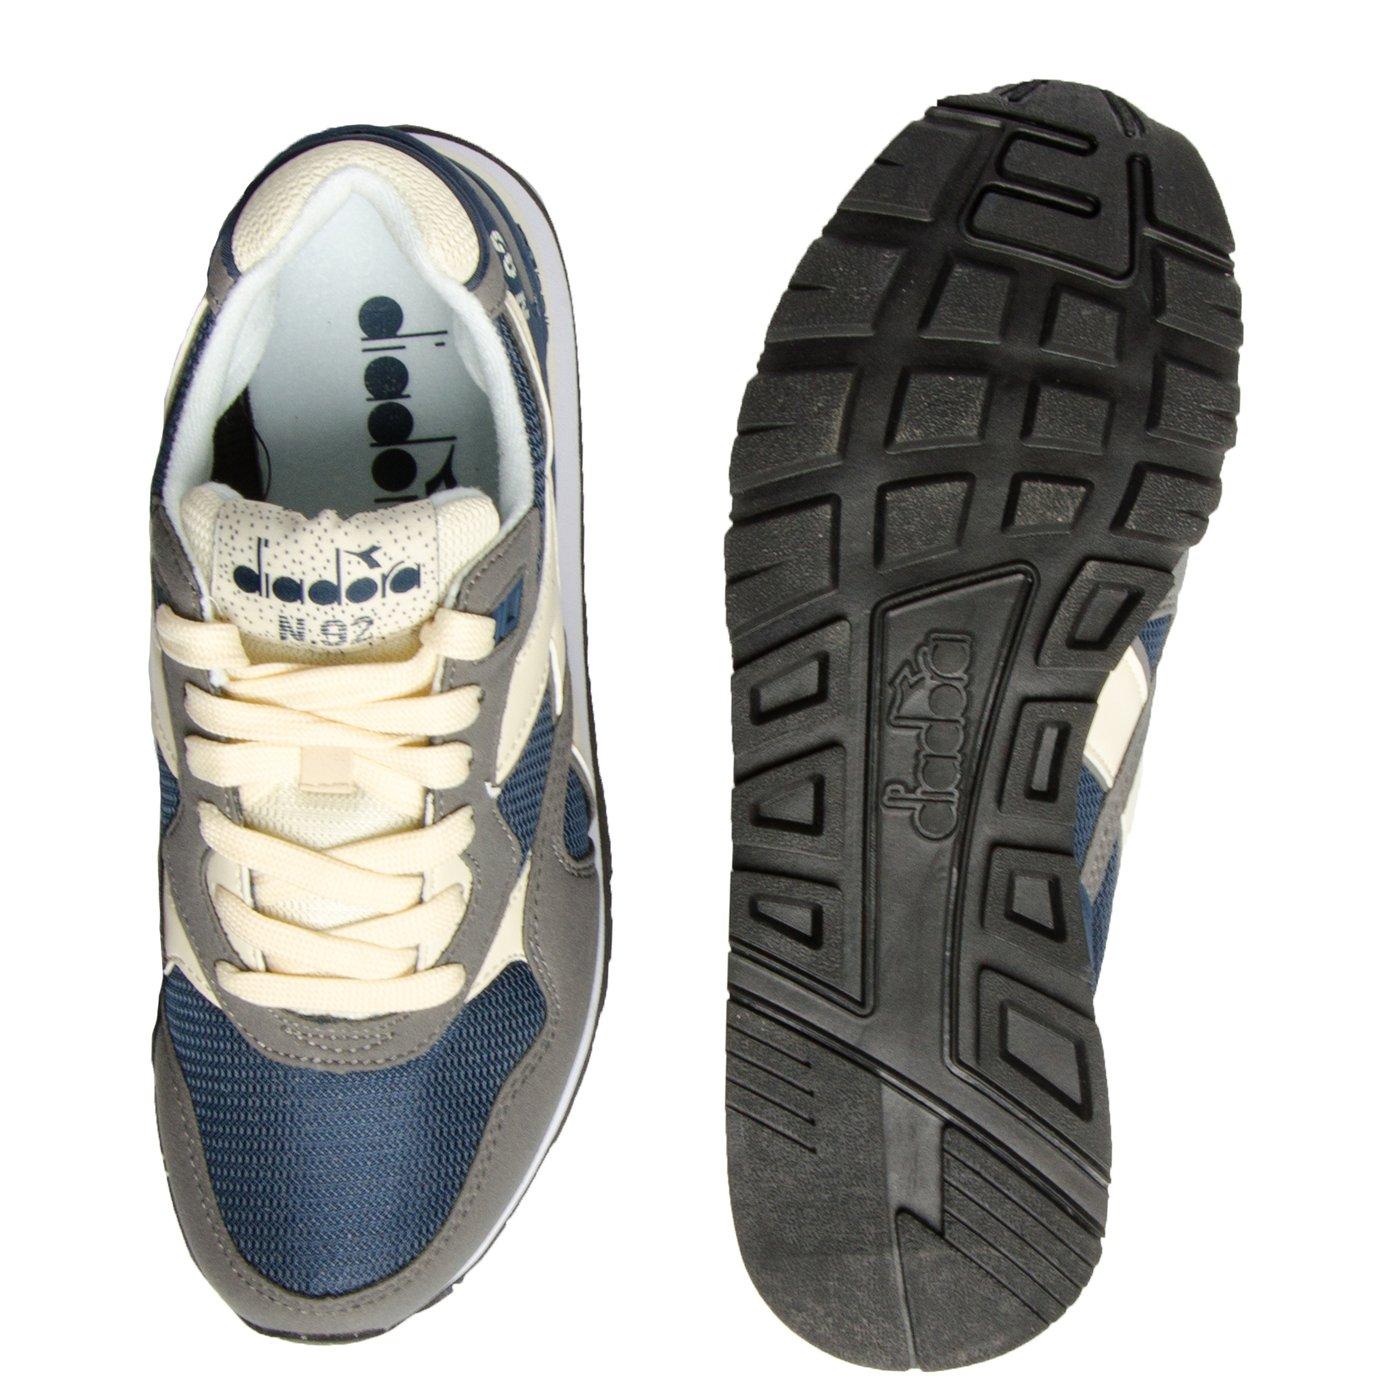 Кросівки унісекс Diadora N-92